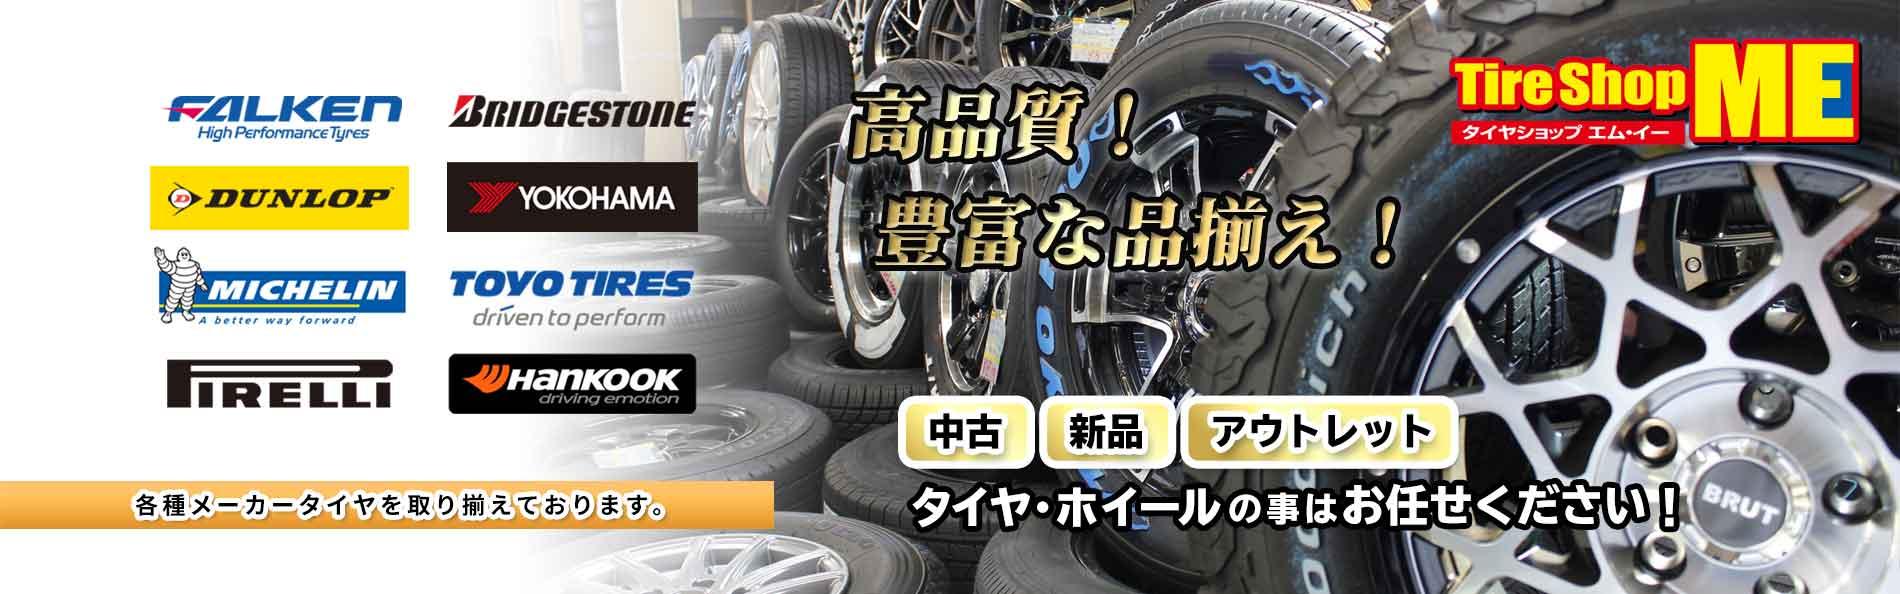 新品タイヤも中古タイヤも。タイヤ・ホイールのことならタイヤショップMEにお任せください!